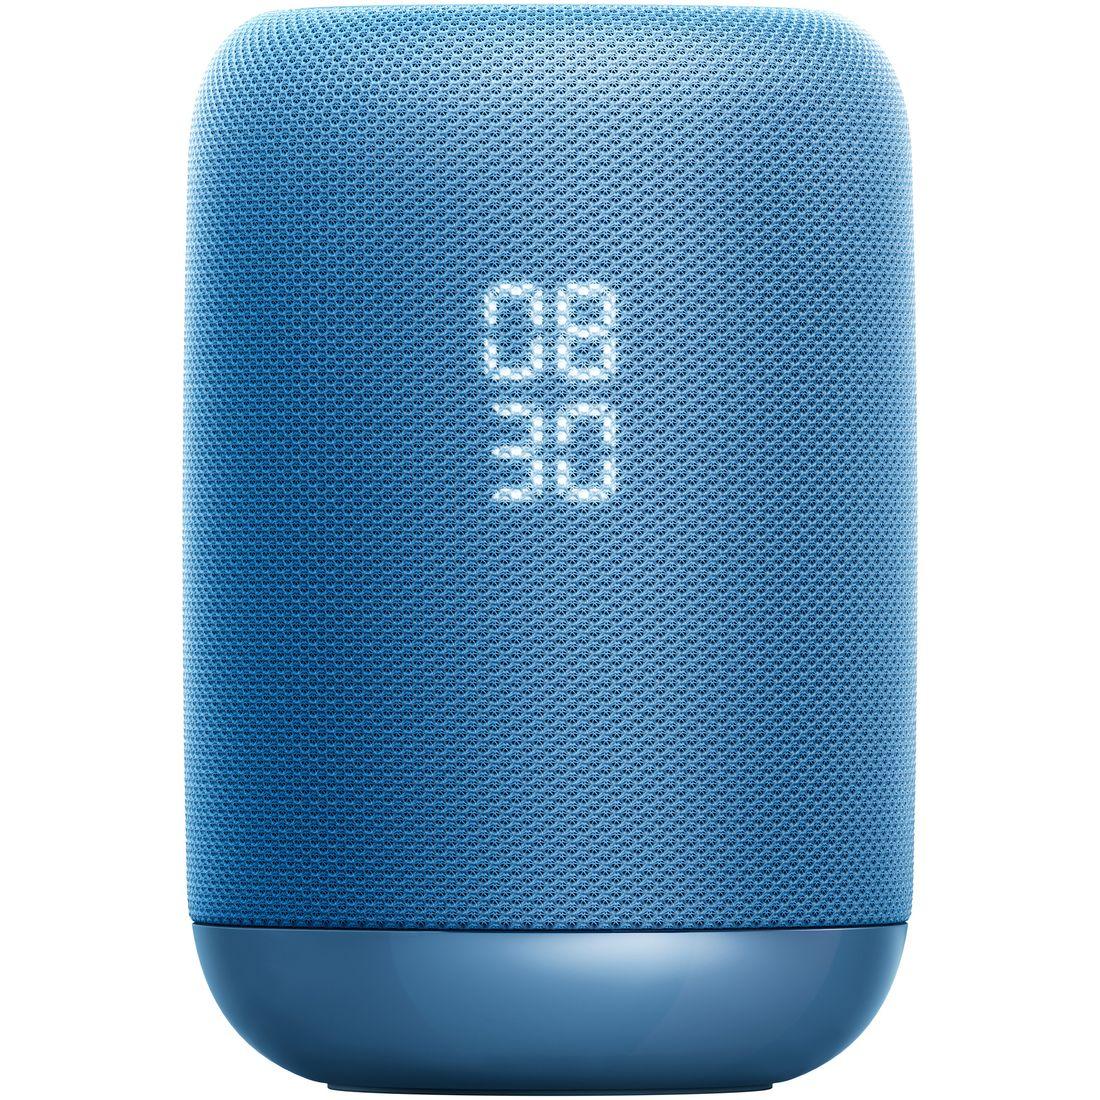 ソニー Google Assistant対応スマートスピーカー LF-S50G-L